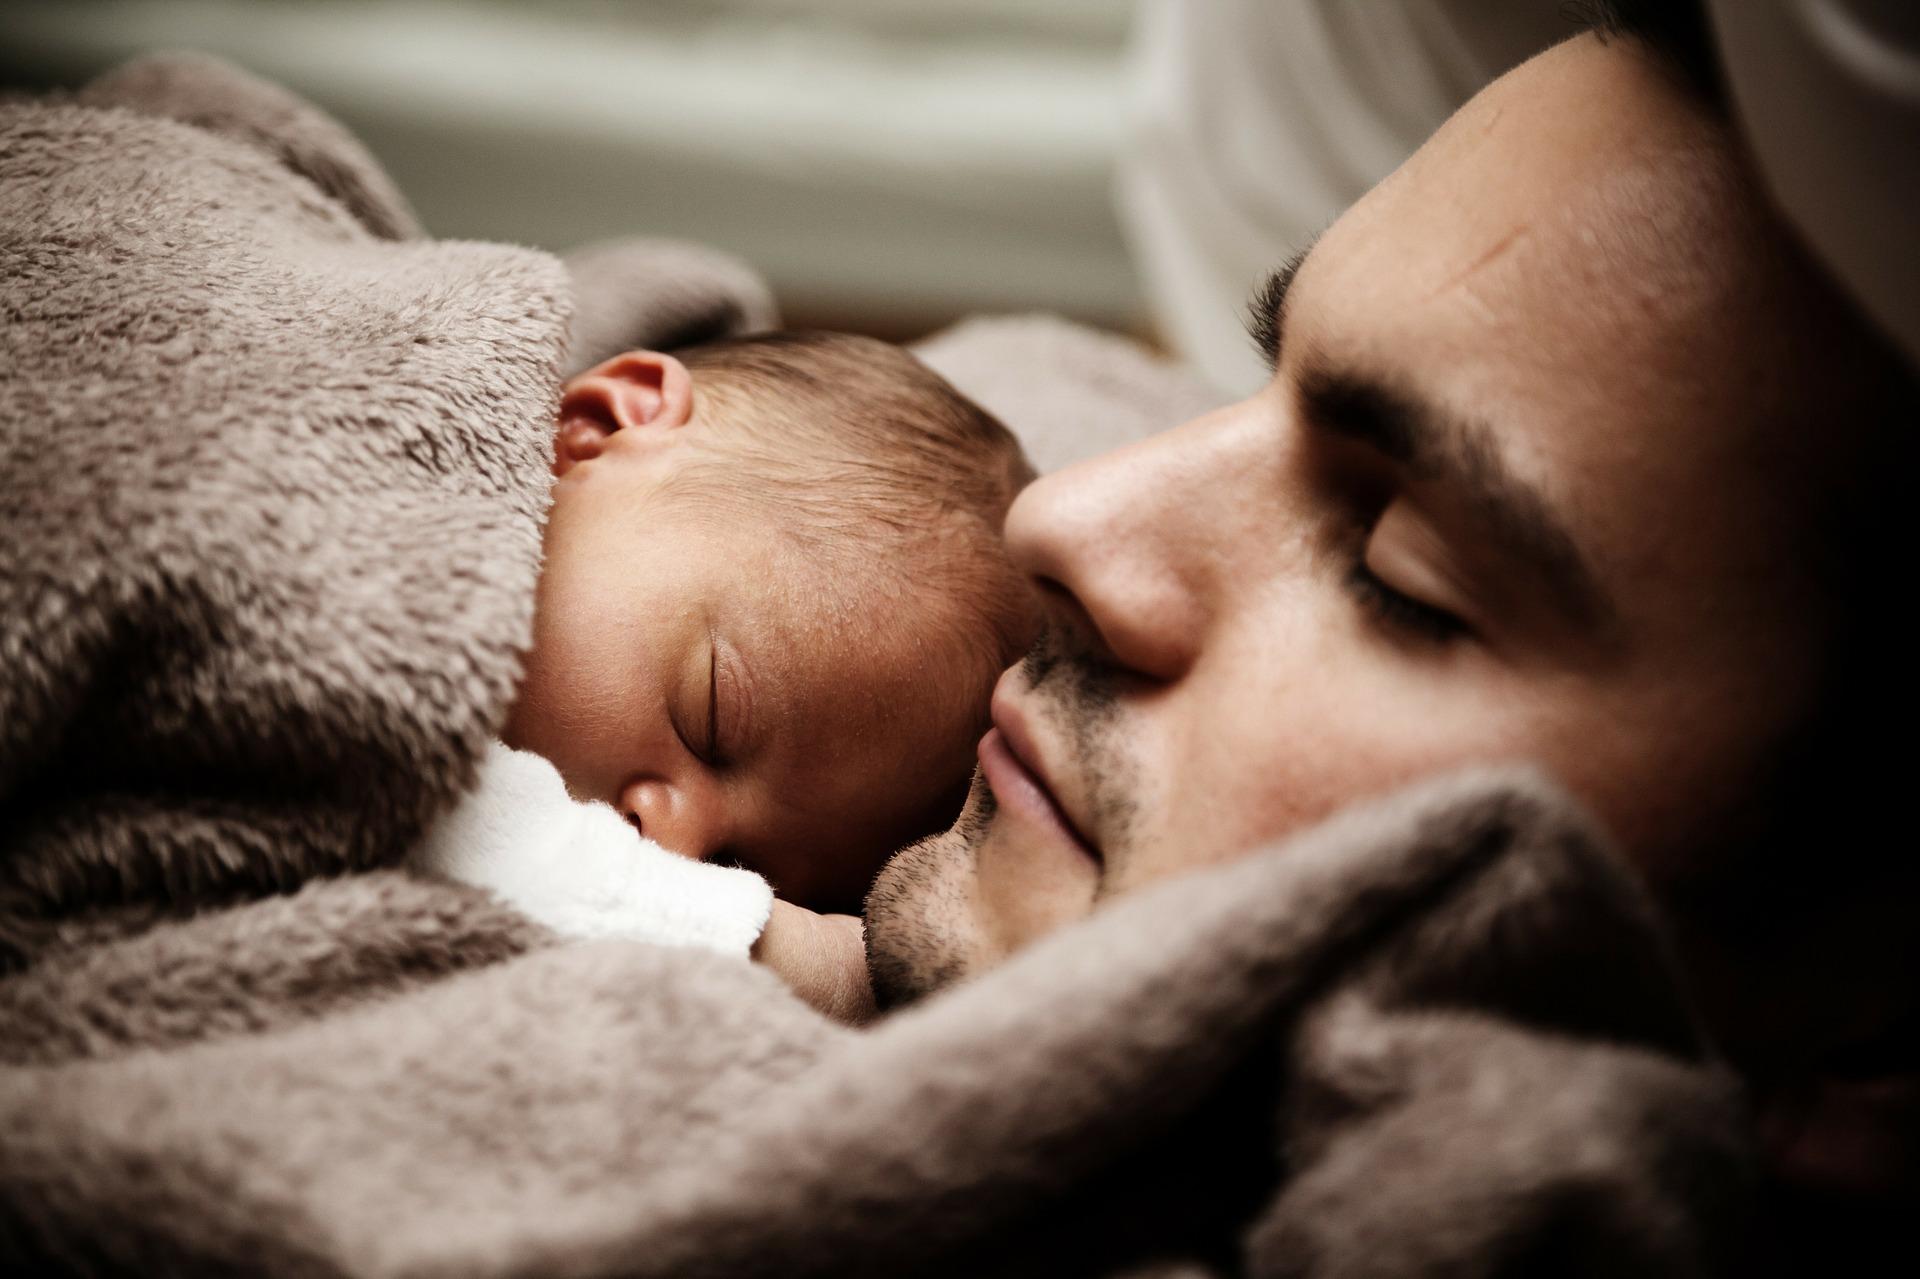 vader-baby IMH Nederland